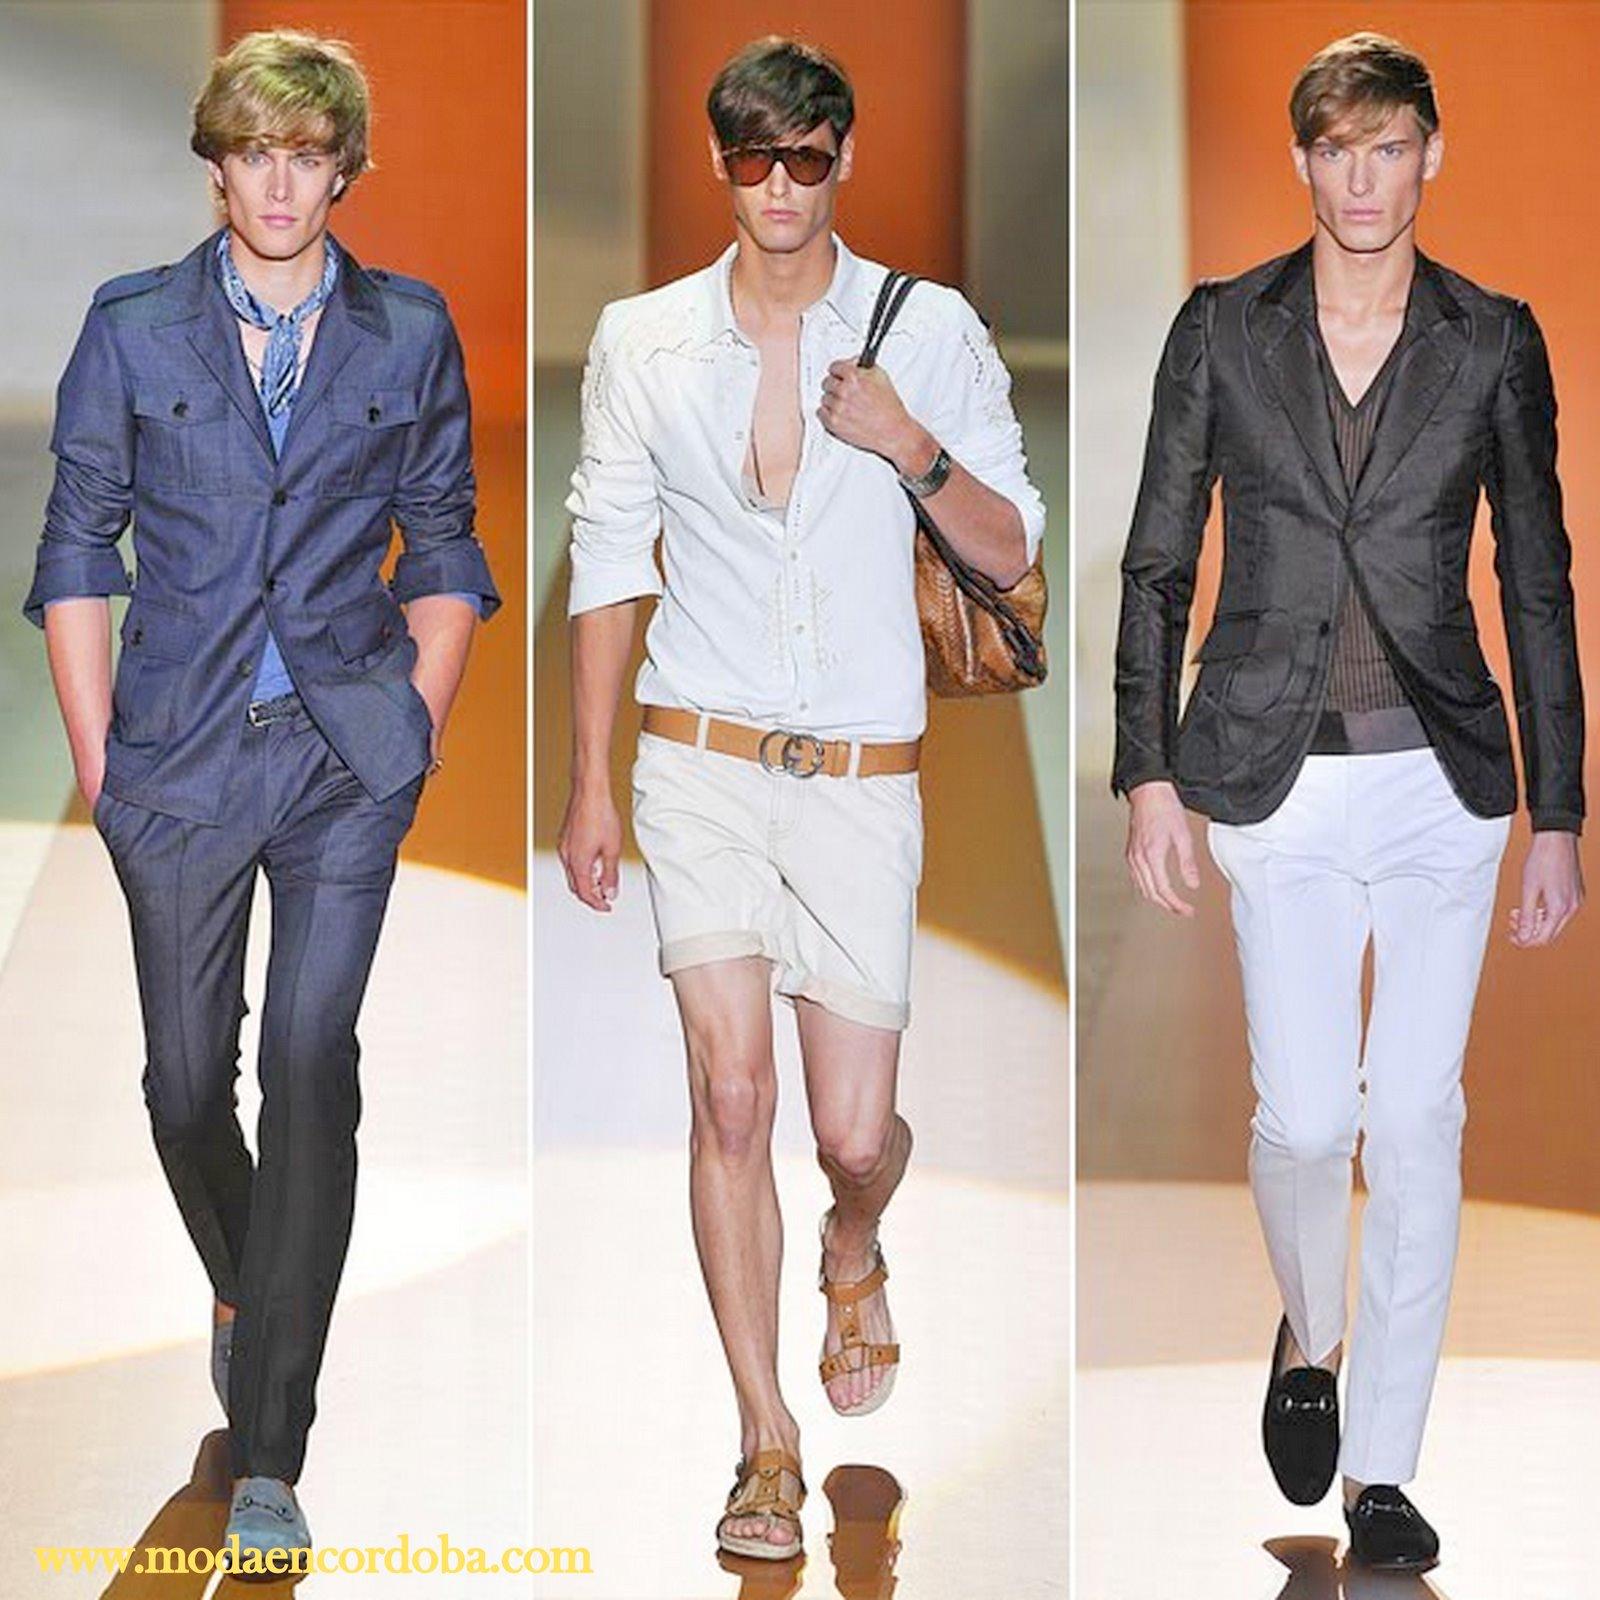 Moda 2010 hombres